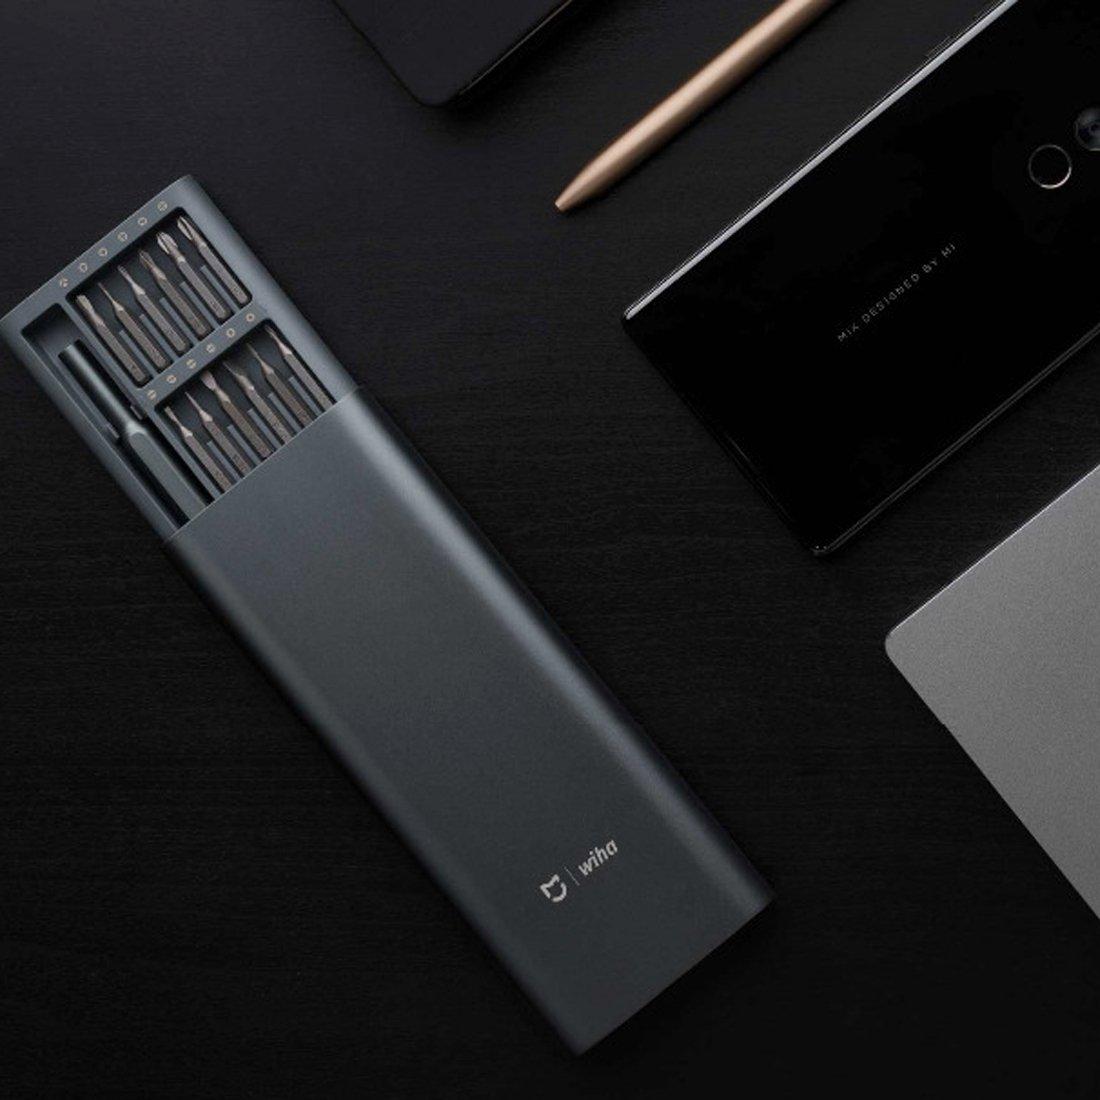 Intelligente Elektronik Effizient Original Xiaomi Mijia Wiha Schraubendreher Kit 24 Präzision Magnetische Bits Alluminum Box Schraubendreher Werkzeug Für Den Täglichen Gebrauch Intelligente Haustechnik